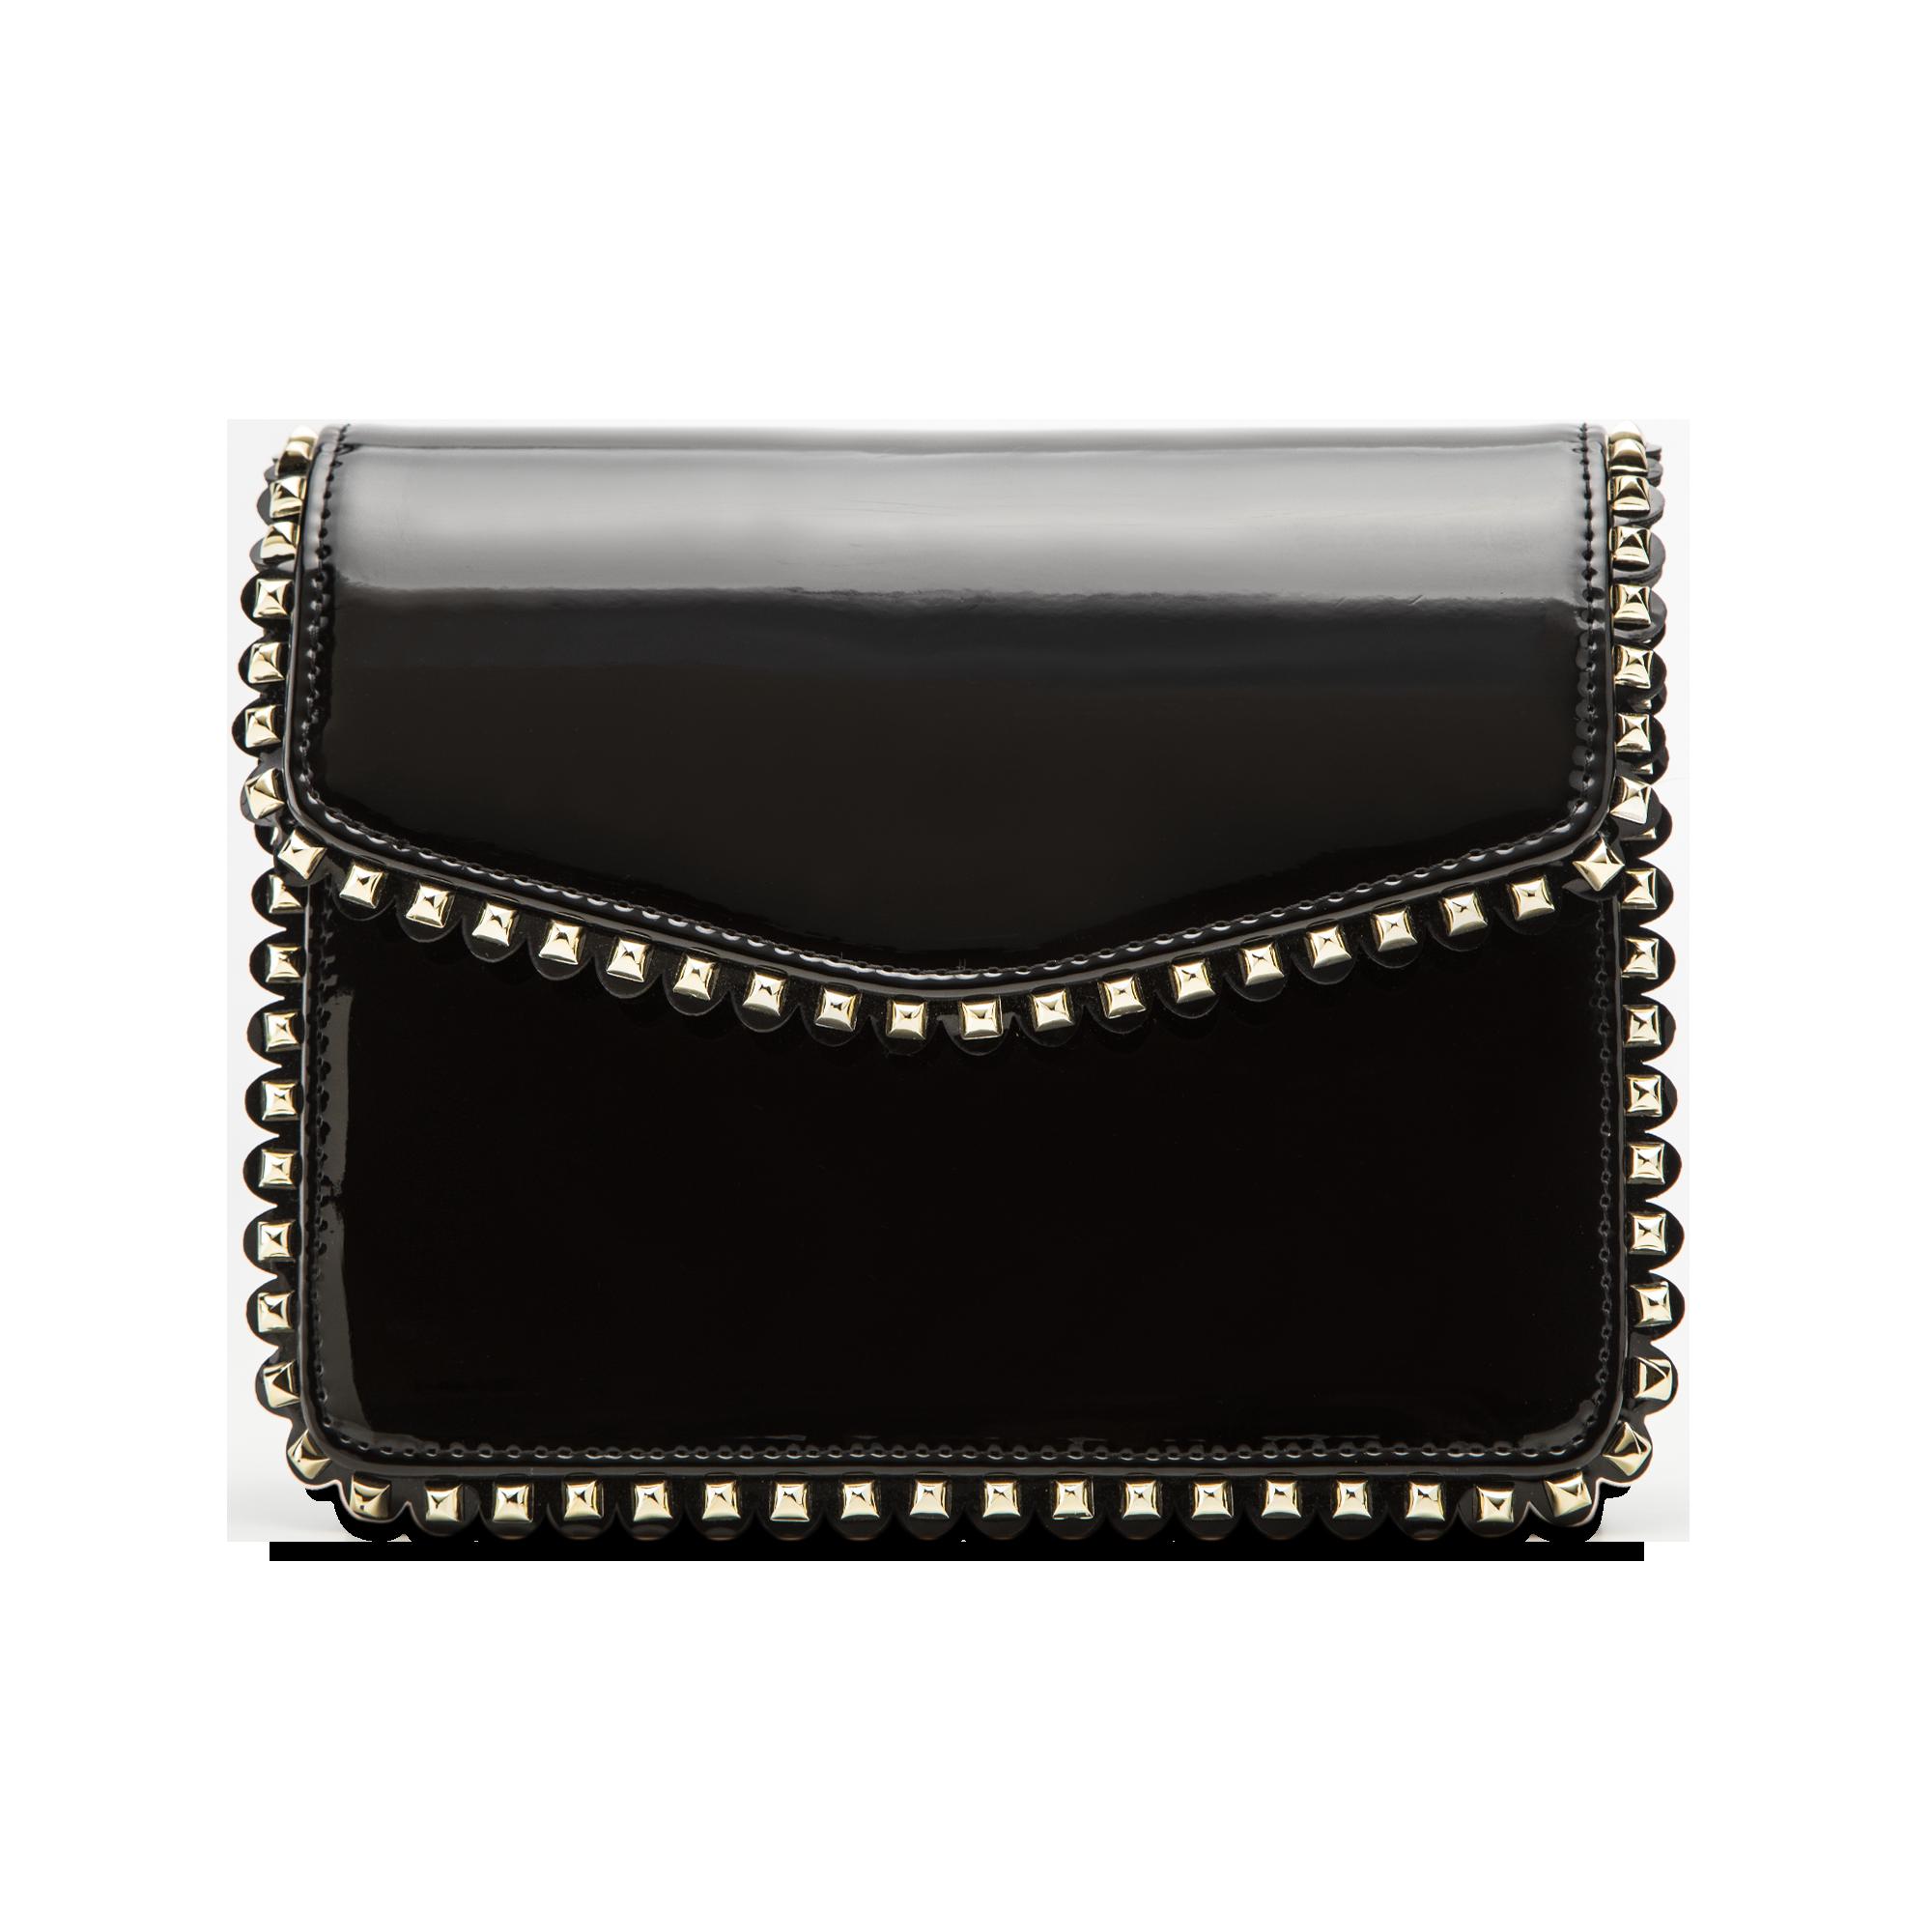 b8dc60a325 10 Pochette con tracolla nera in ecopelle vernice, profili mini-borchie